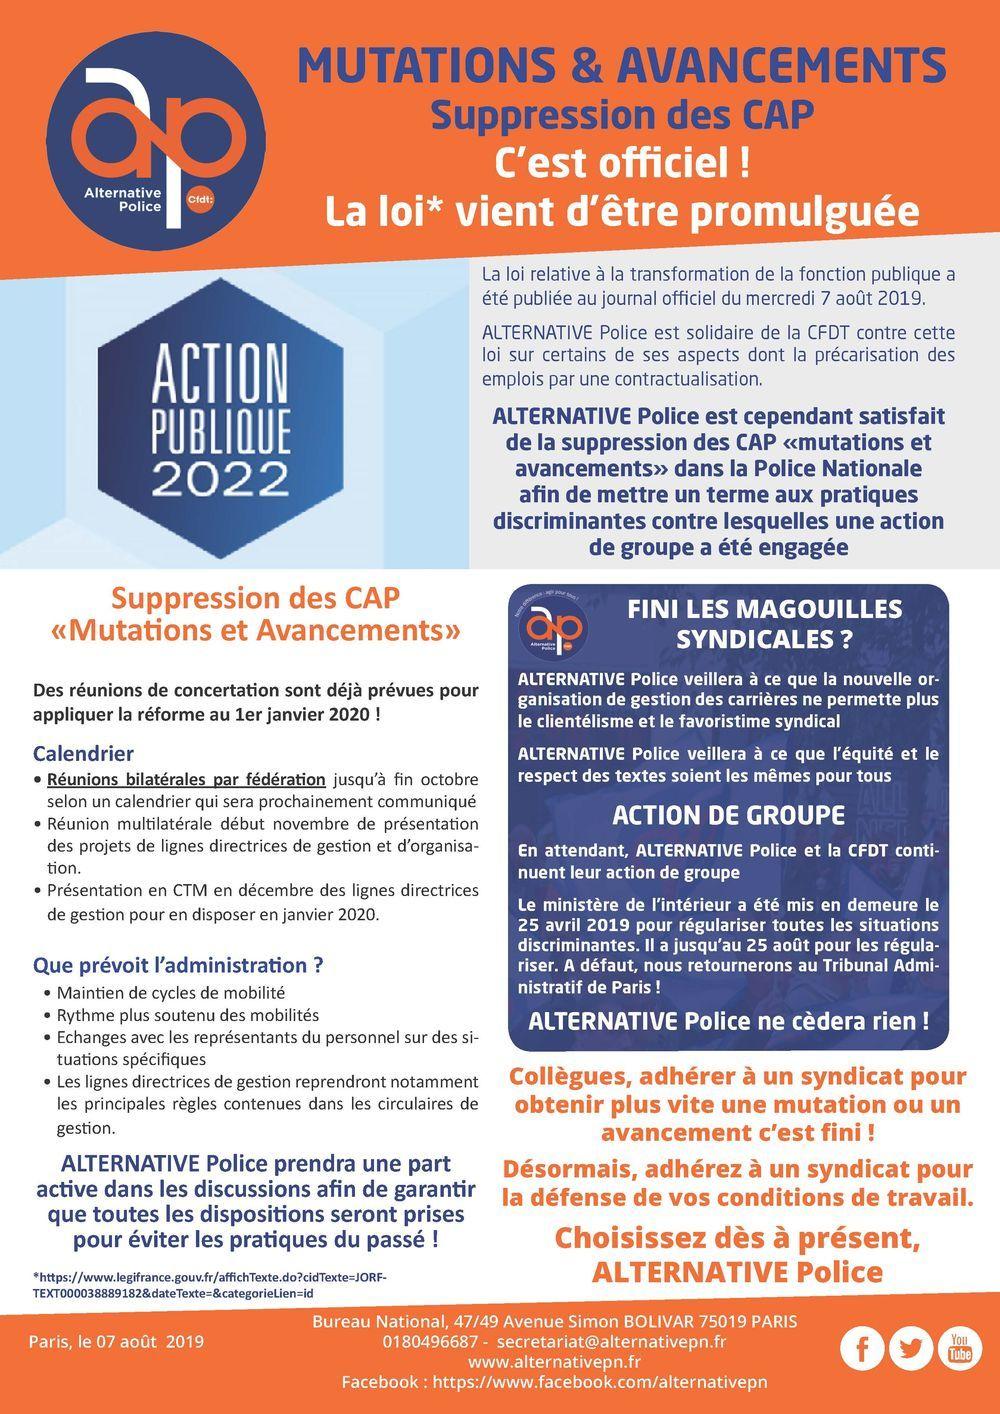 Mutations et Avancements : suppression des CAP